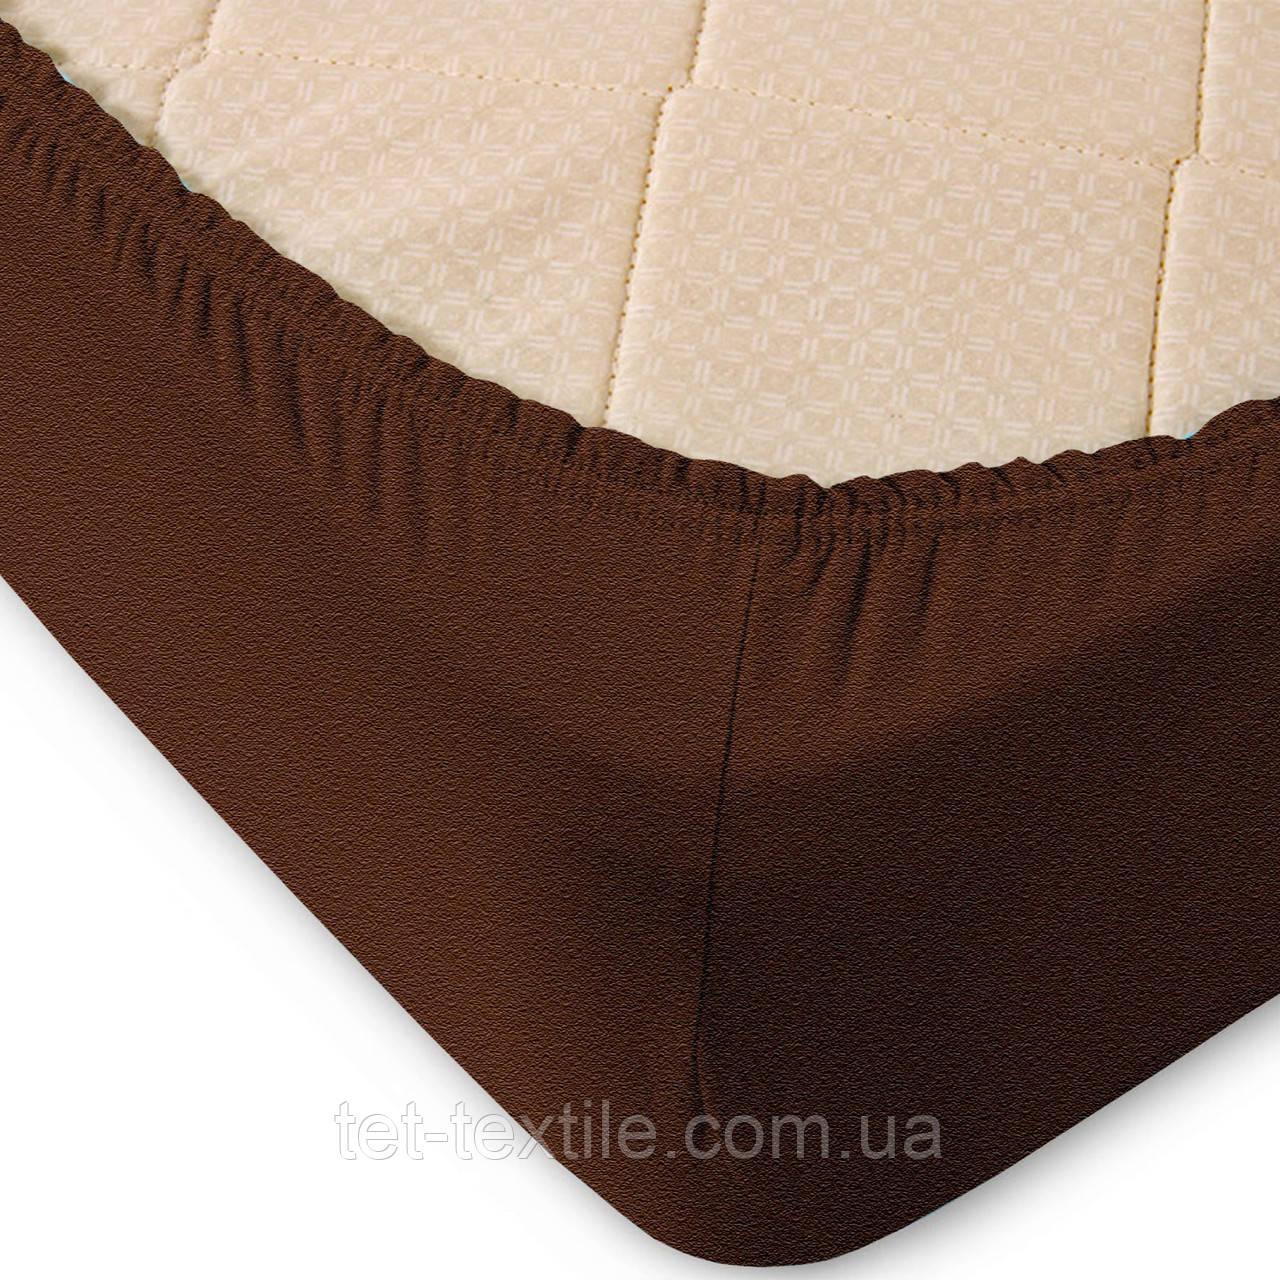 Простынь махровая на резинке Sweet Dreams коричневая 160х200+30